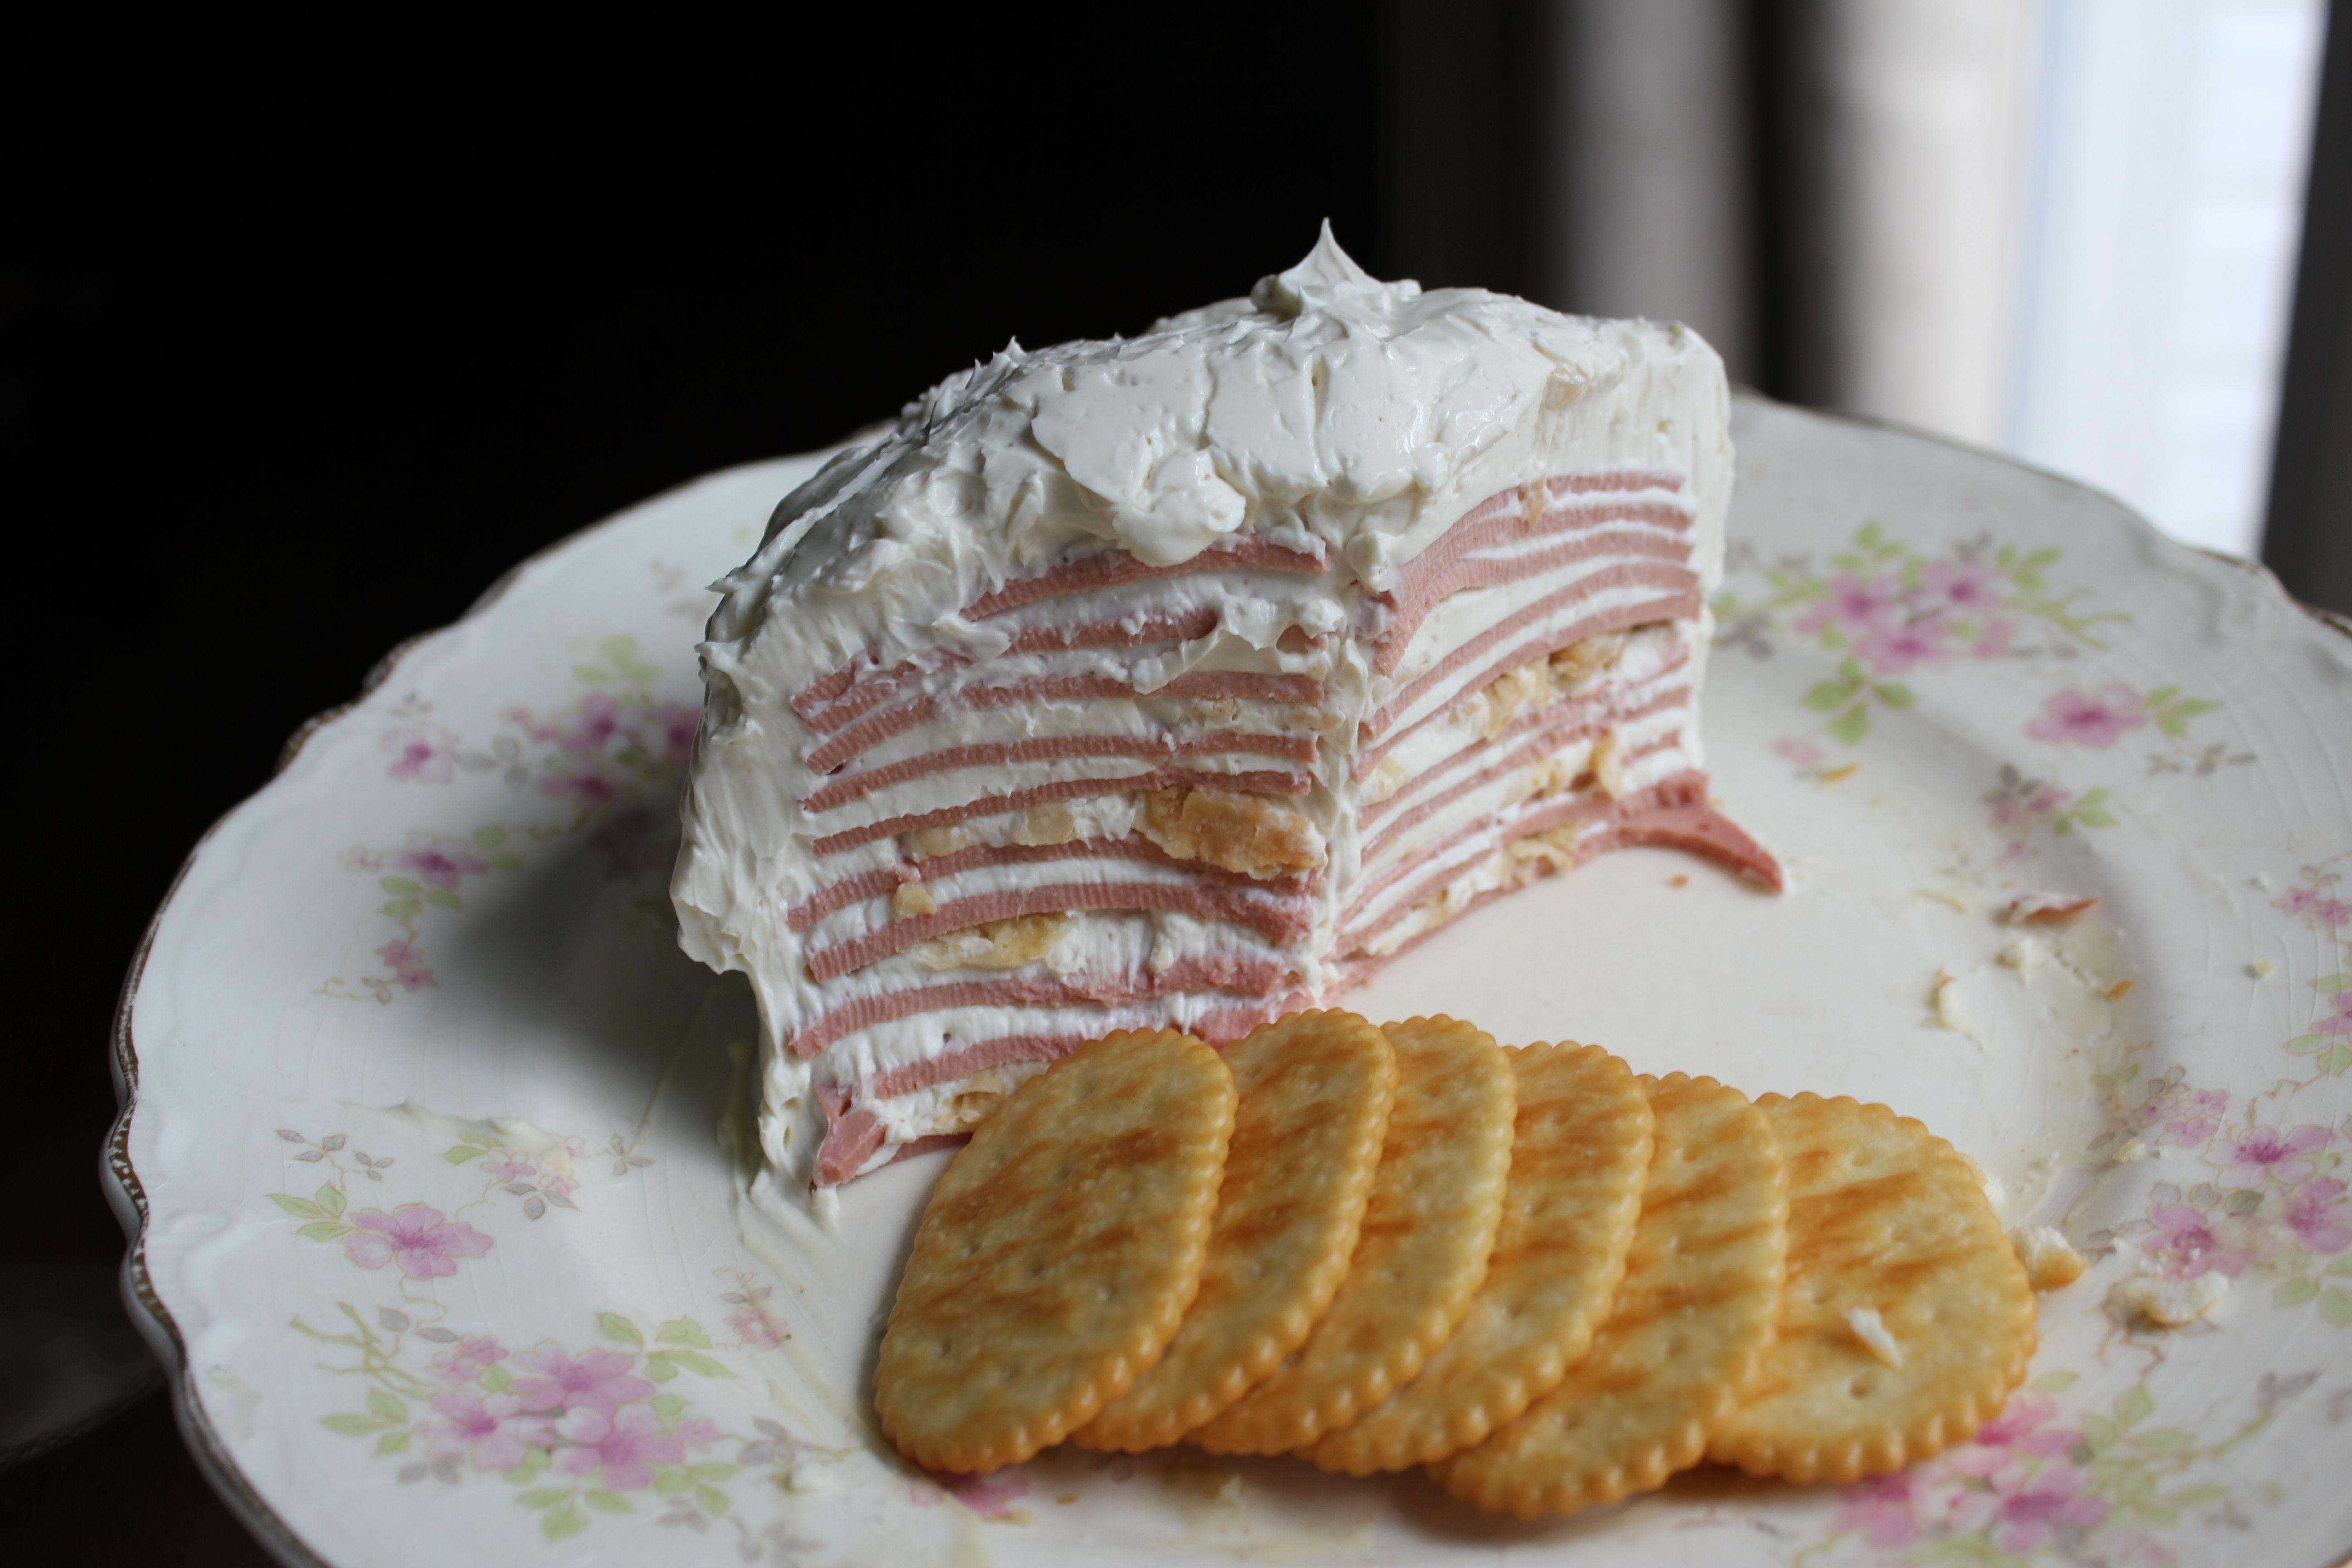 consulenza aziendale bologna cake - photo#1